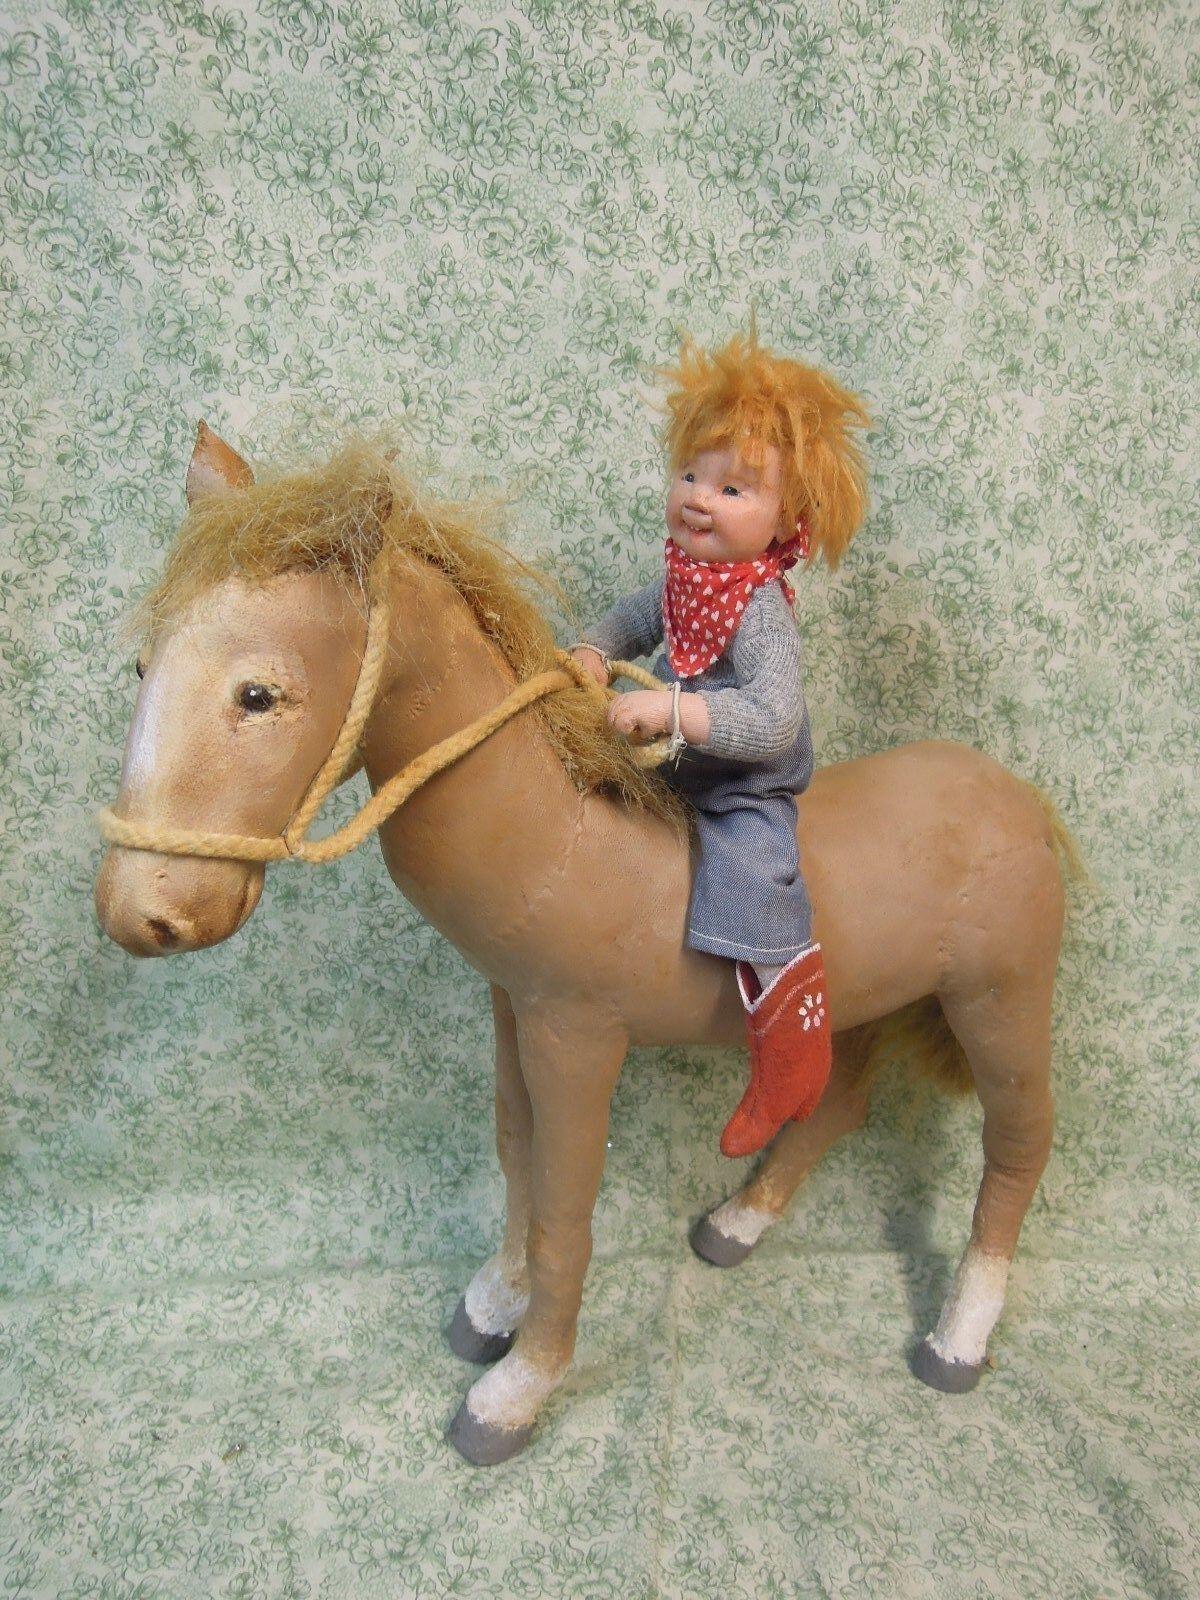 Den-206 Dianne Dengel uno de una tipo muñeca;  Caballo y Jinete  firmado; 2008